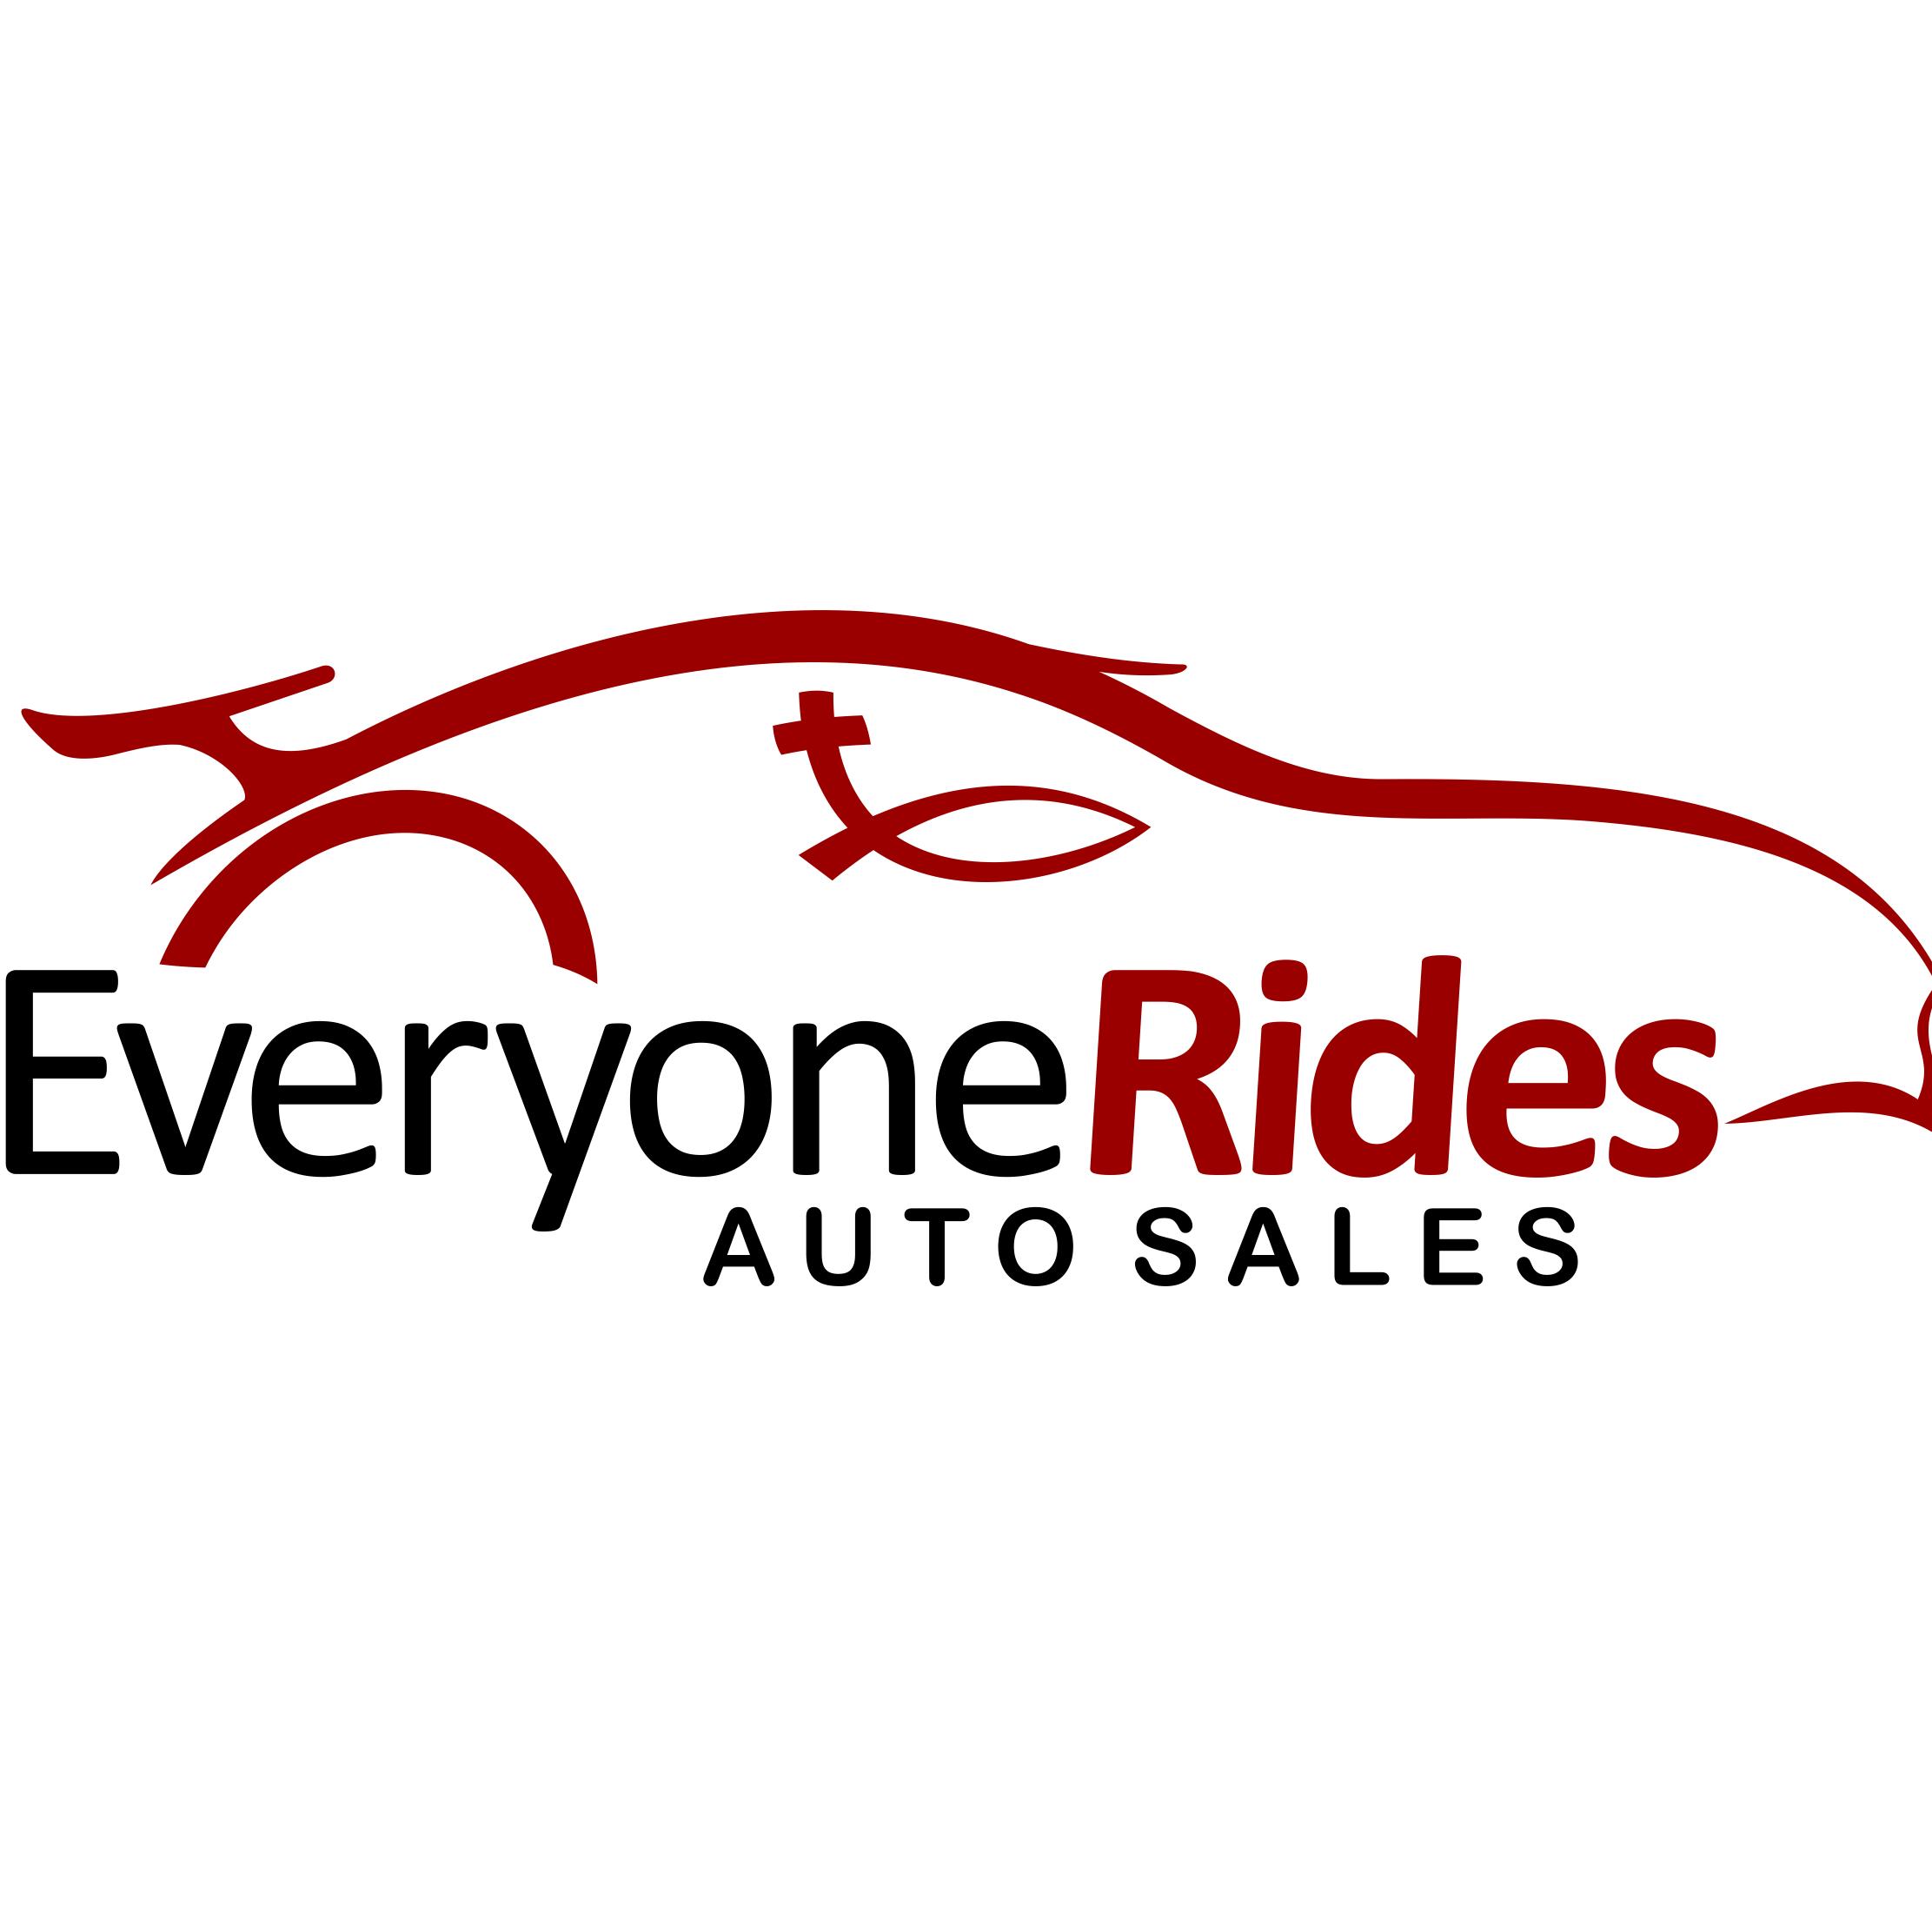 Everyone Rides Auto Sales - Corbin, KY - Auto Dealers